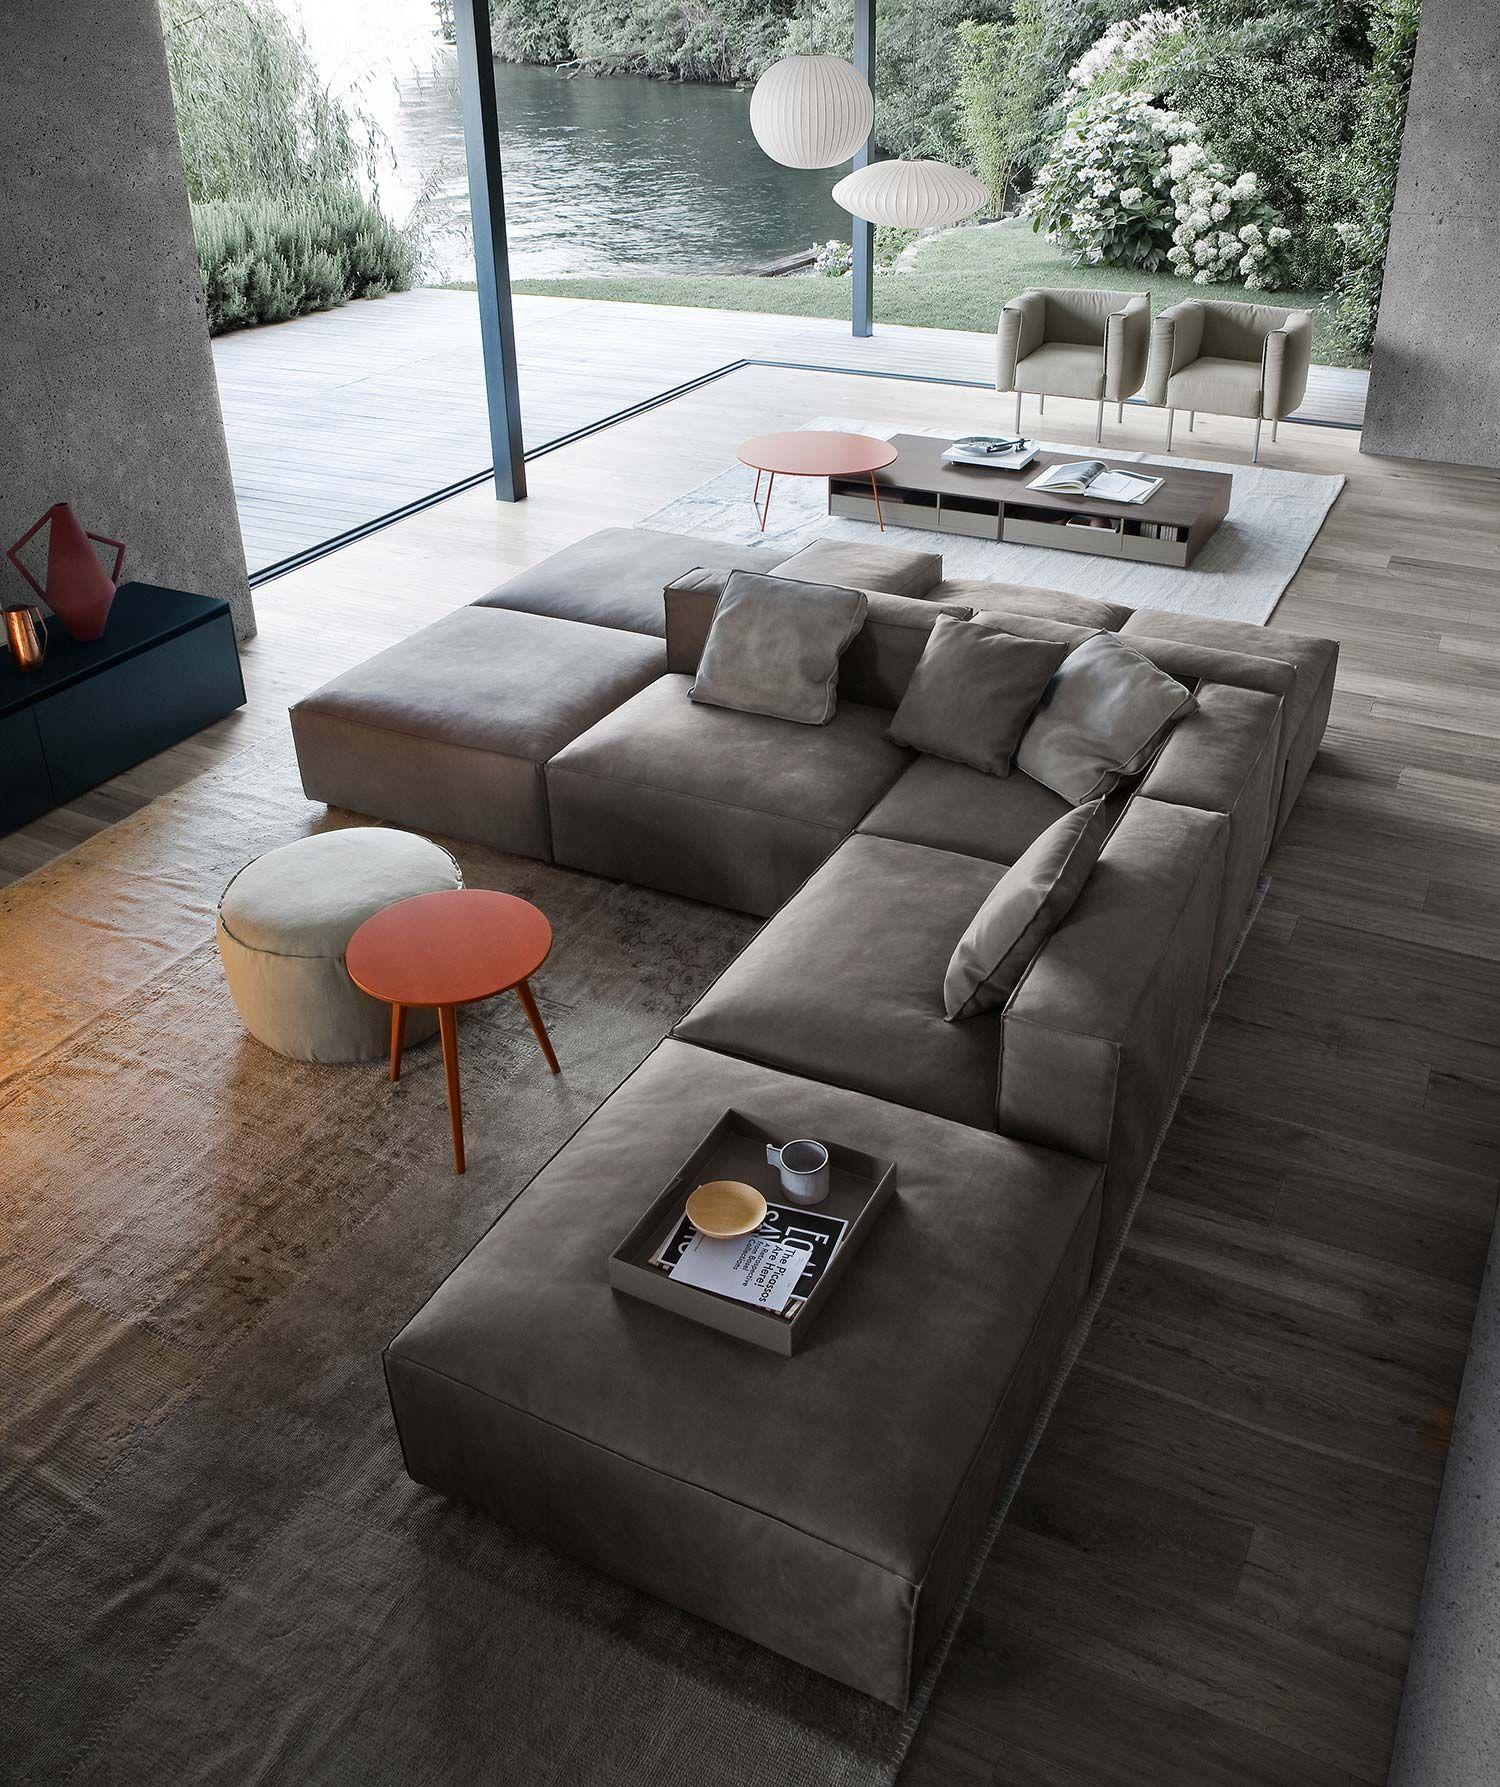 Sofas richtig im Wohnzimmer platzieren | Sofa, Wohnzimmer und Designs